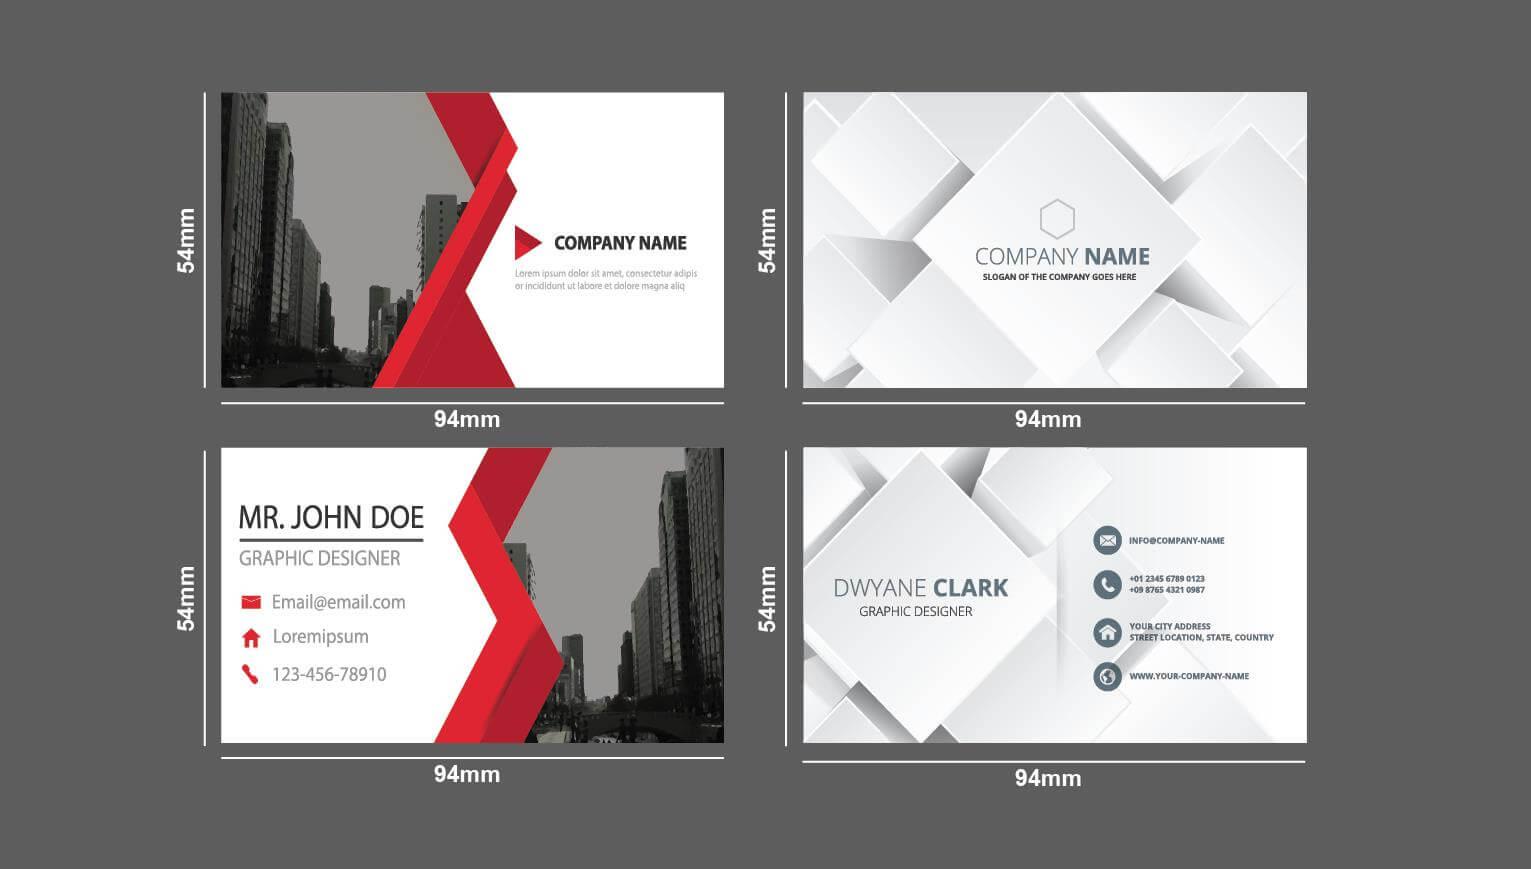 Name card có thiết kế đẹp, kích thước vừa vặn – Hình ảnh được chụp bởi NamVietAd.Com